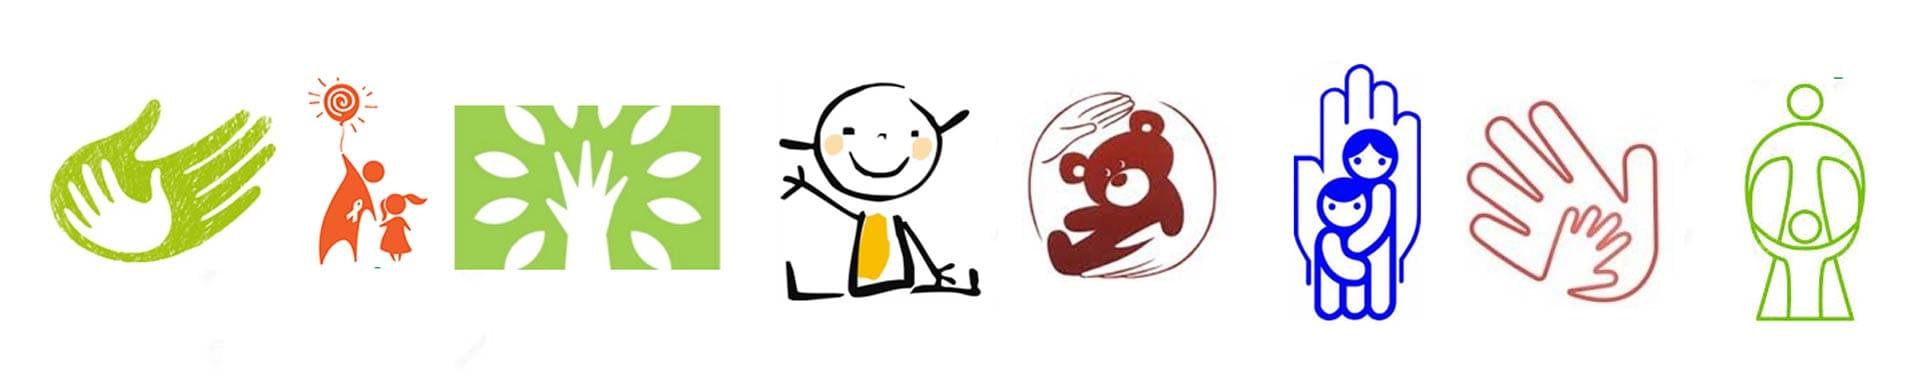 разработка фирменного логотипа фонда. Пример